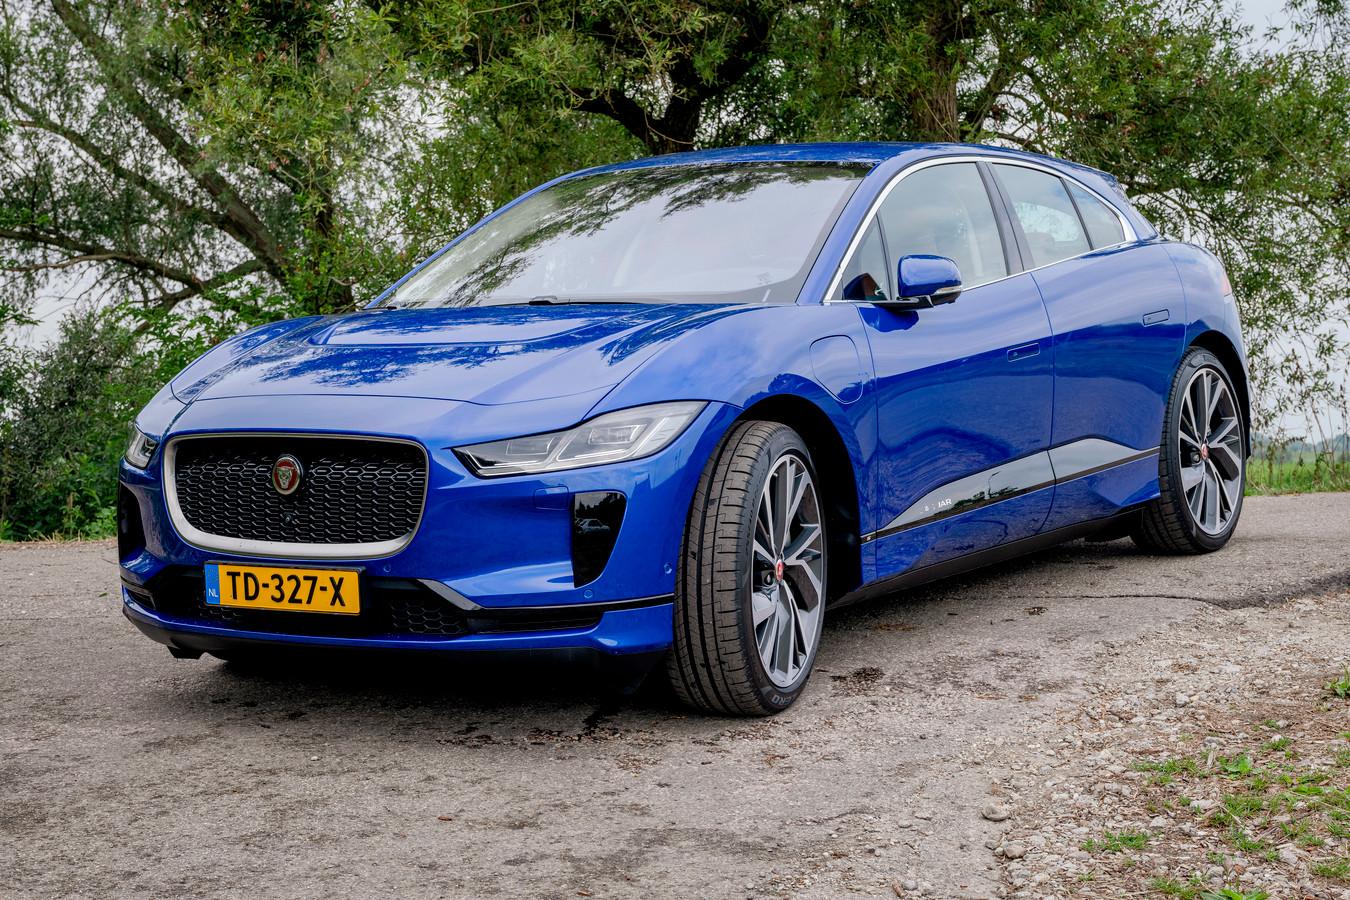 Verkoop Elektrische Auto S Stokt Dit Jaar Foto Ad Nl